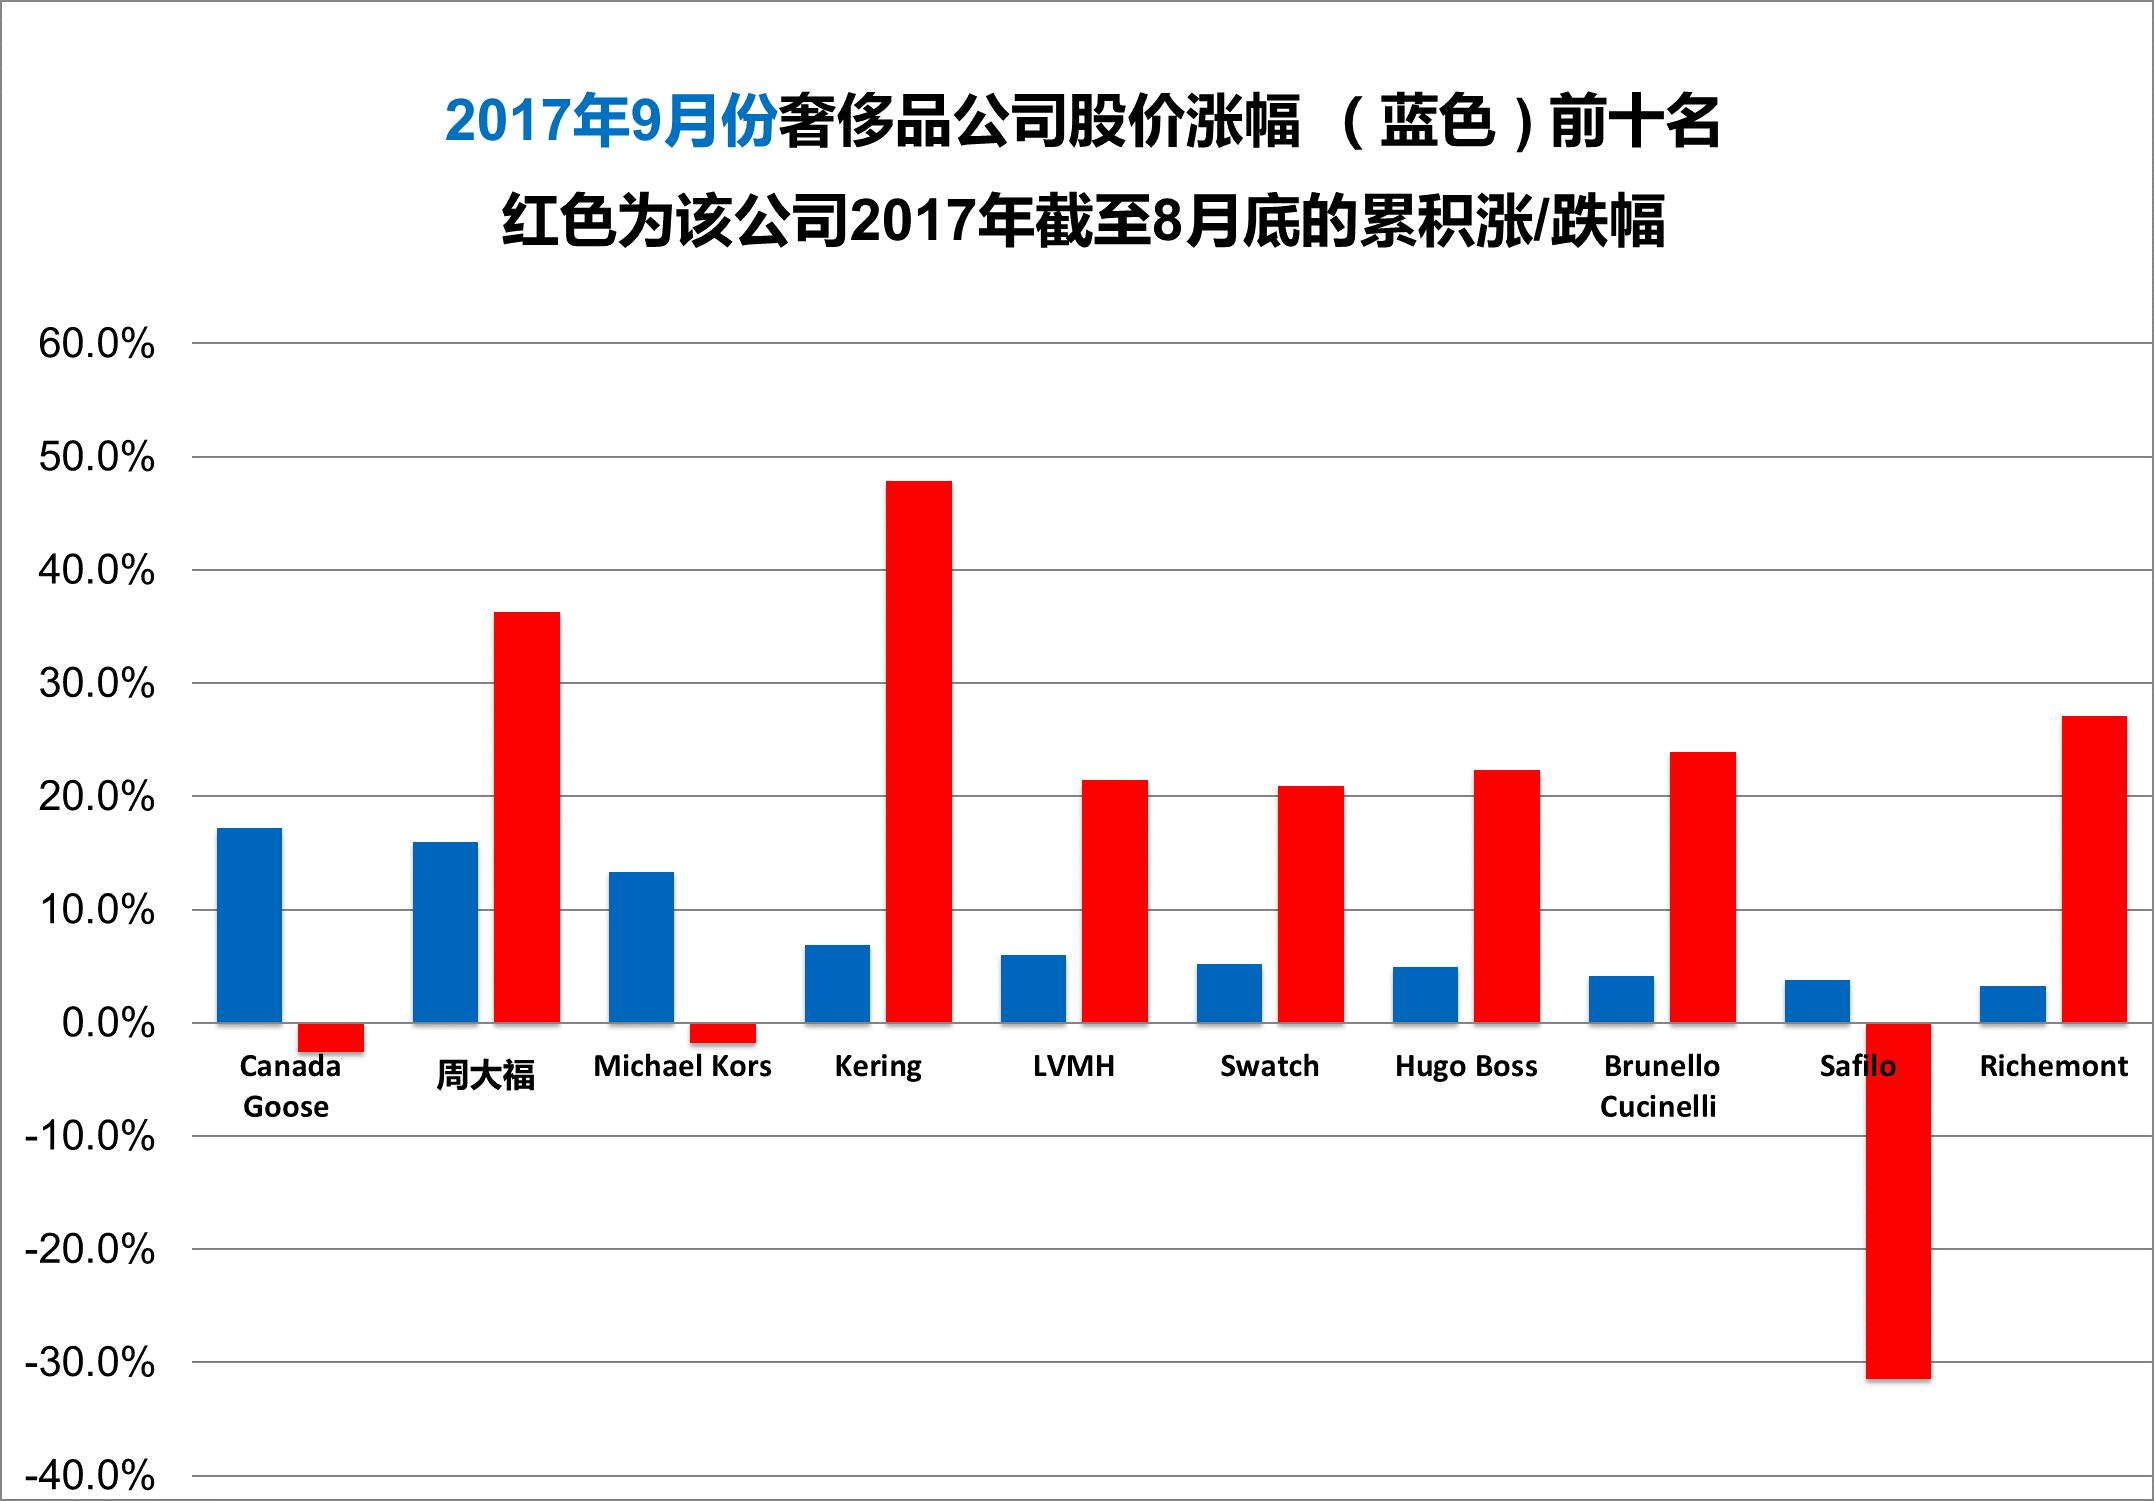 《华丽志》奢侈品股票月度排行榜(2017年9月)